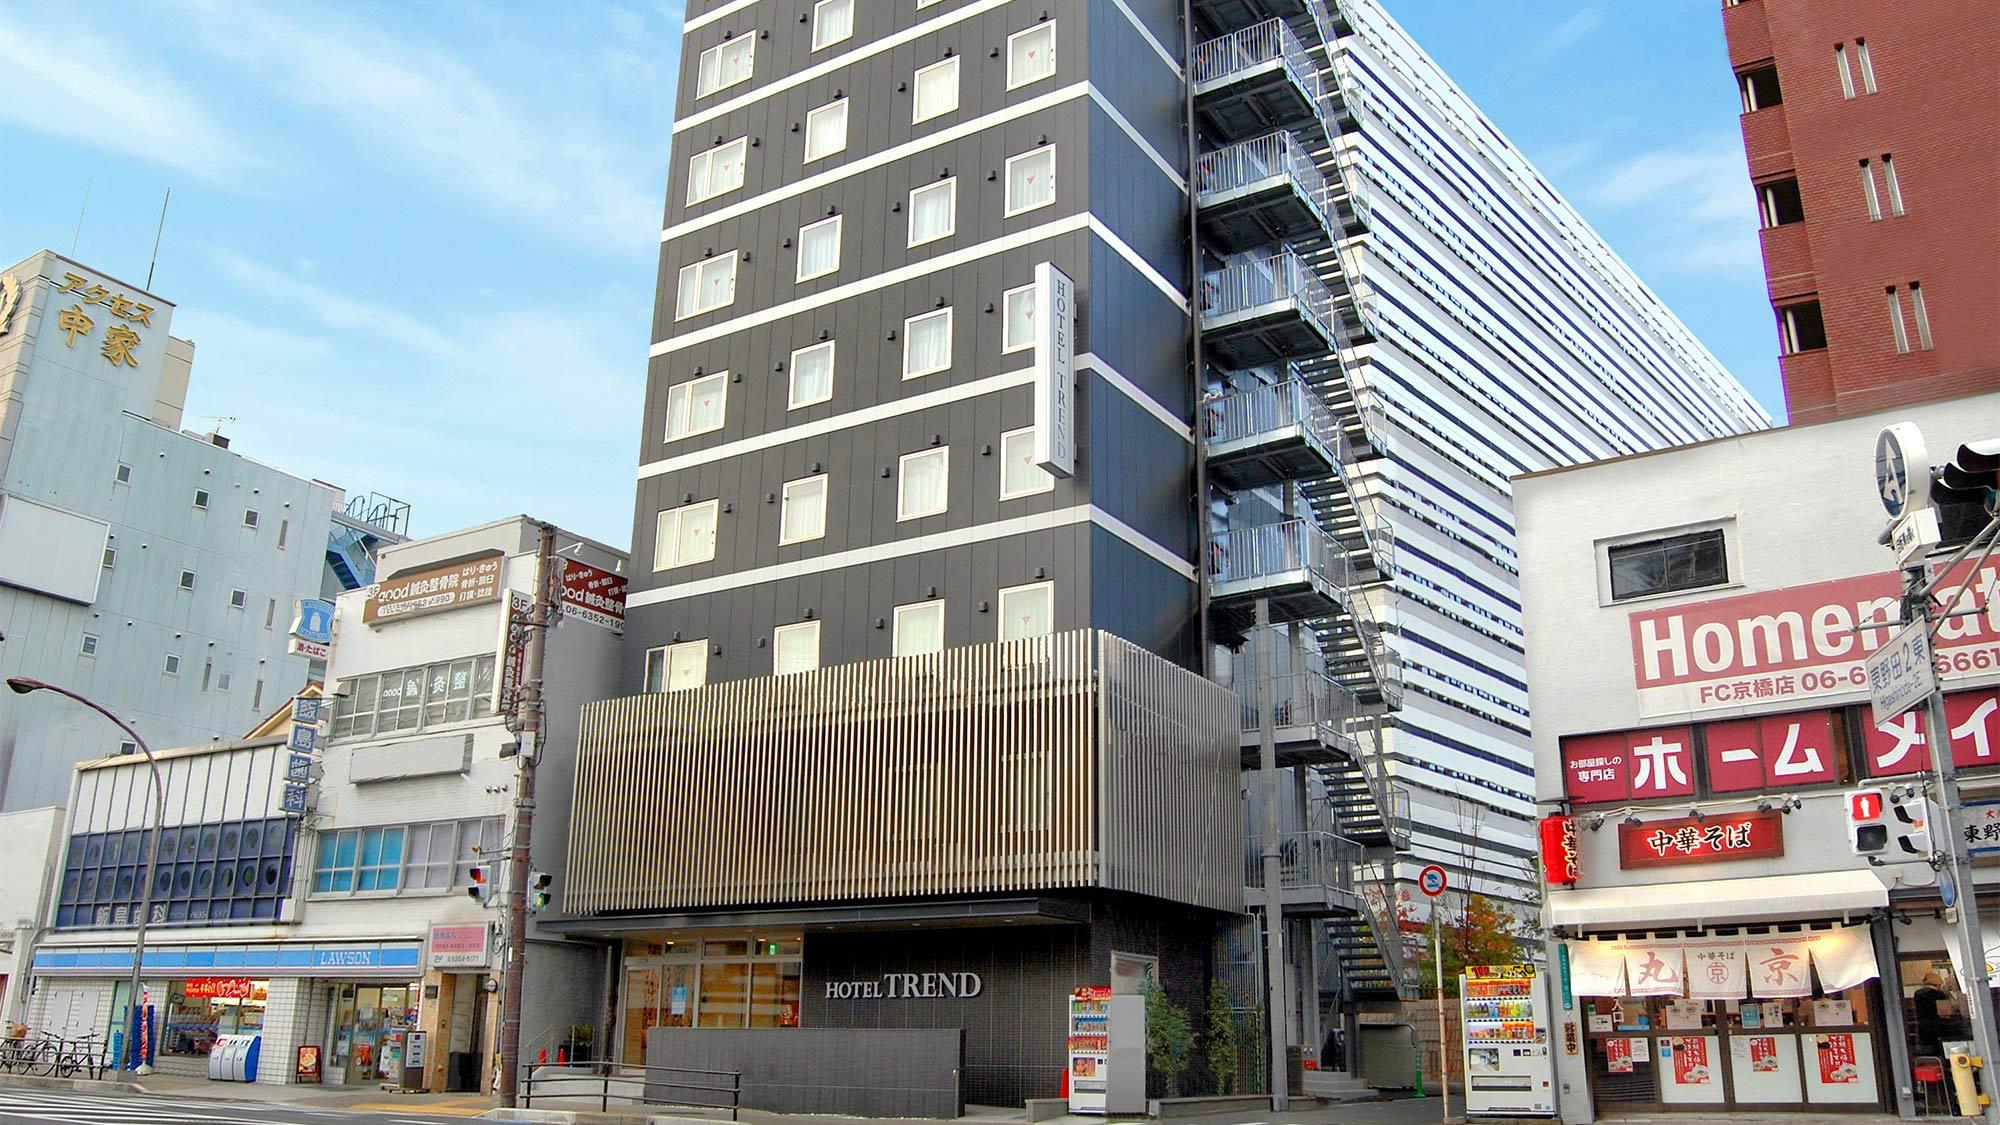 ホテルトレンド京橋駅前